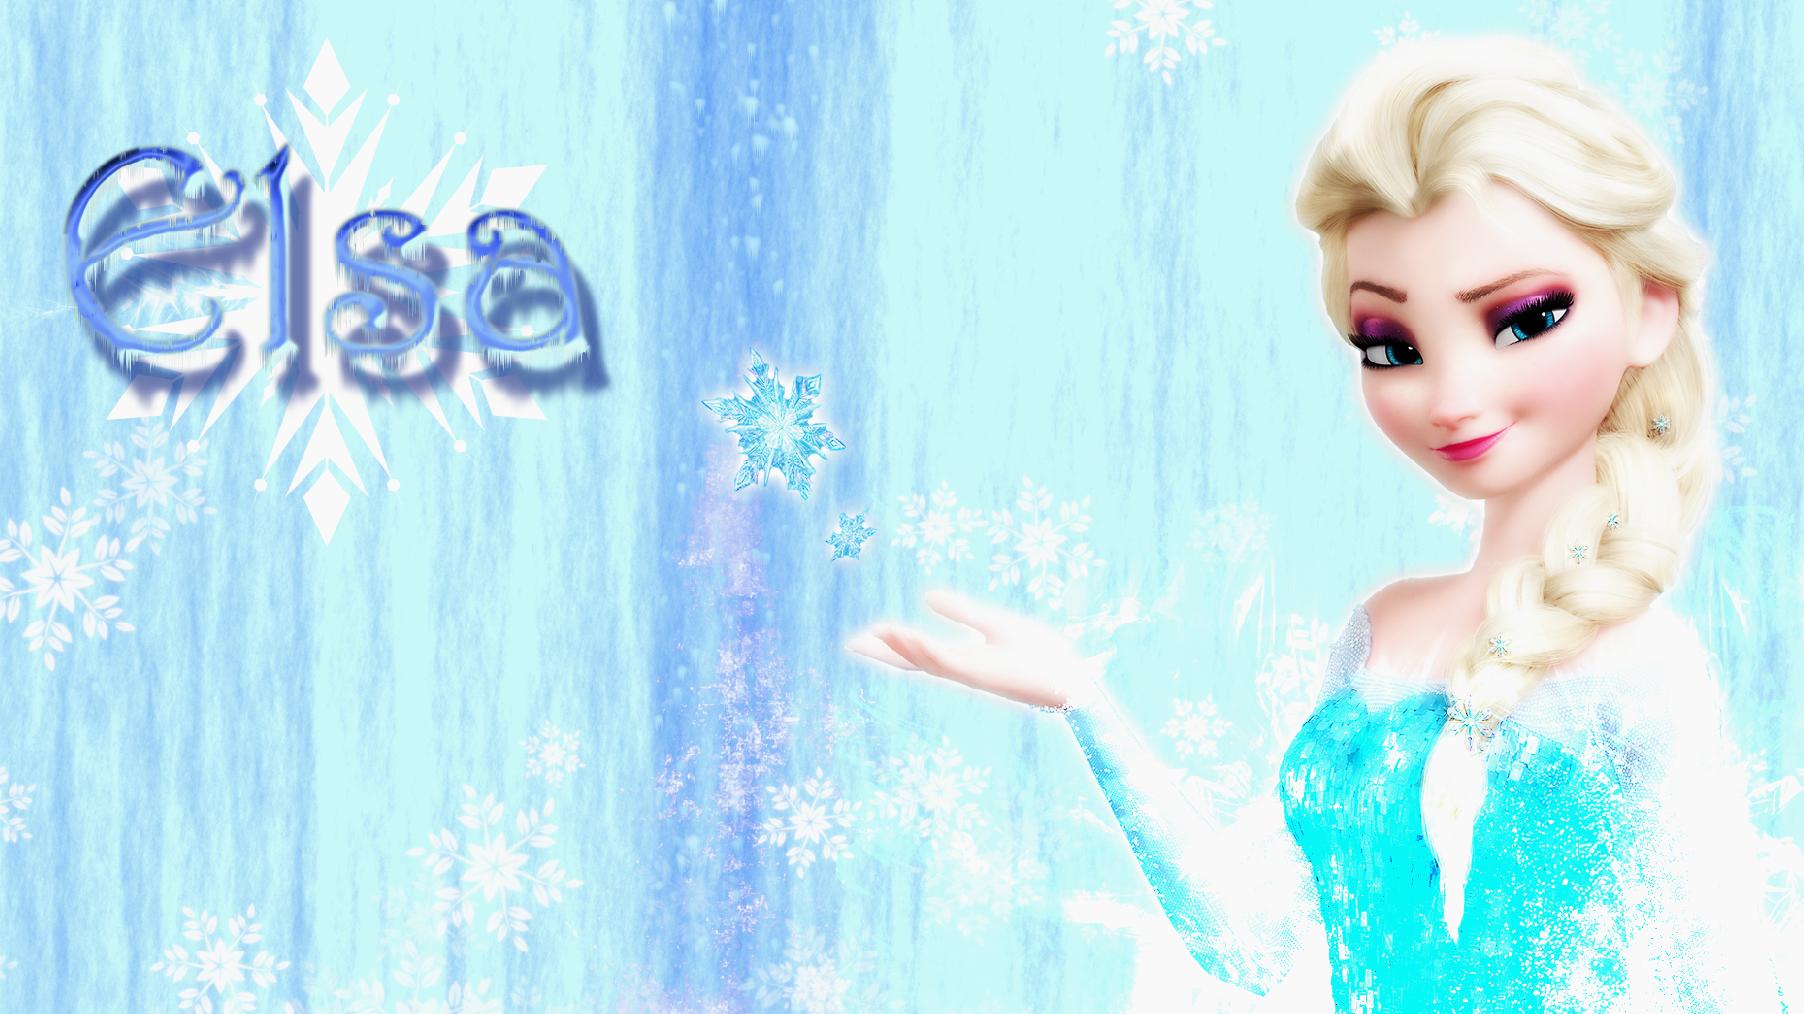 Elsa Frozen Wallpaper HD Terbaru 2015 DP Wallpaper 1804x1014